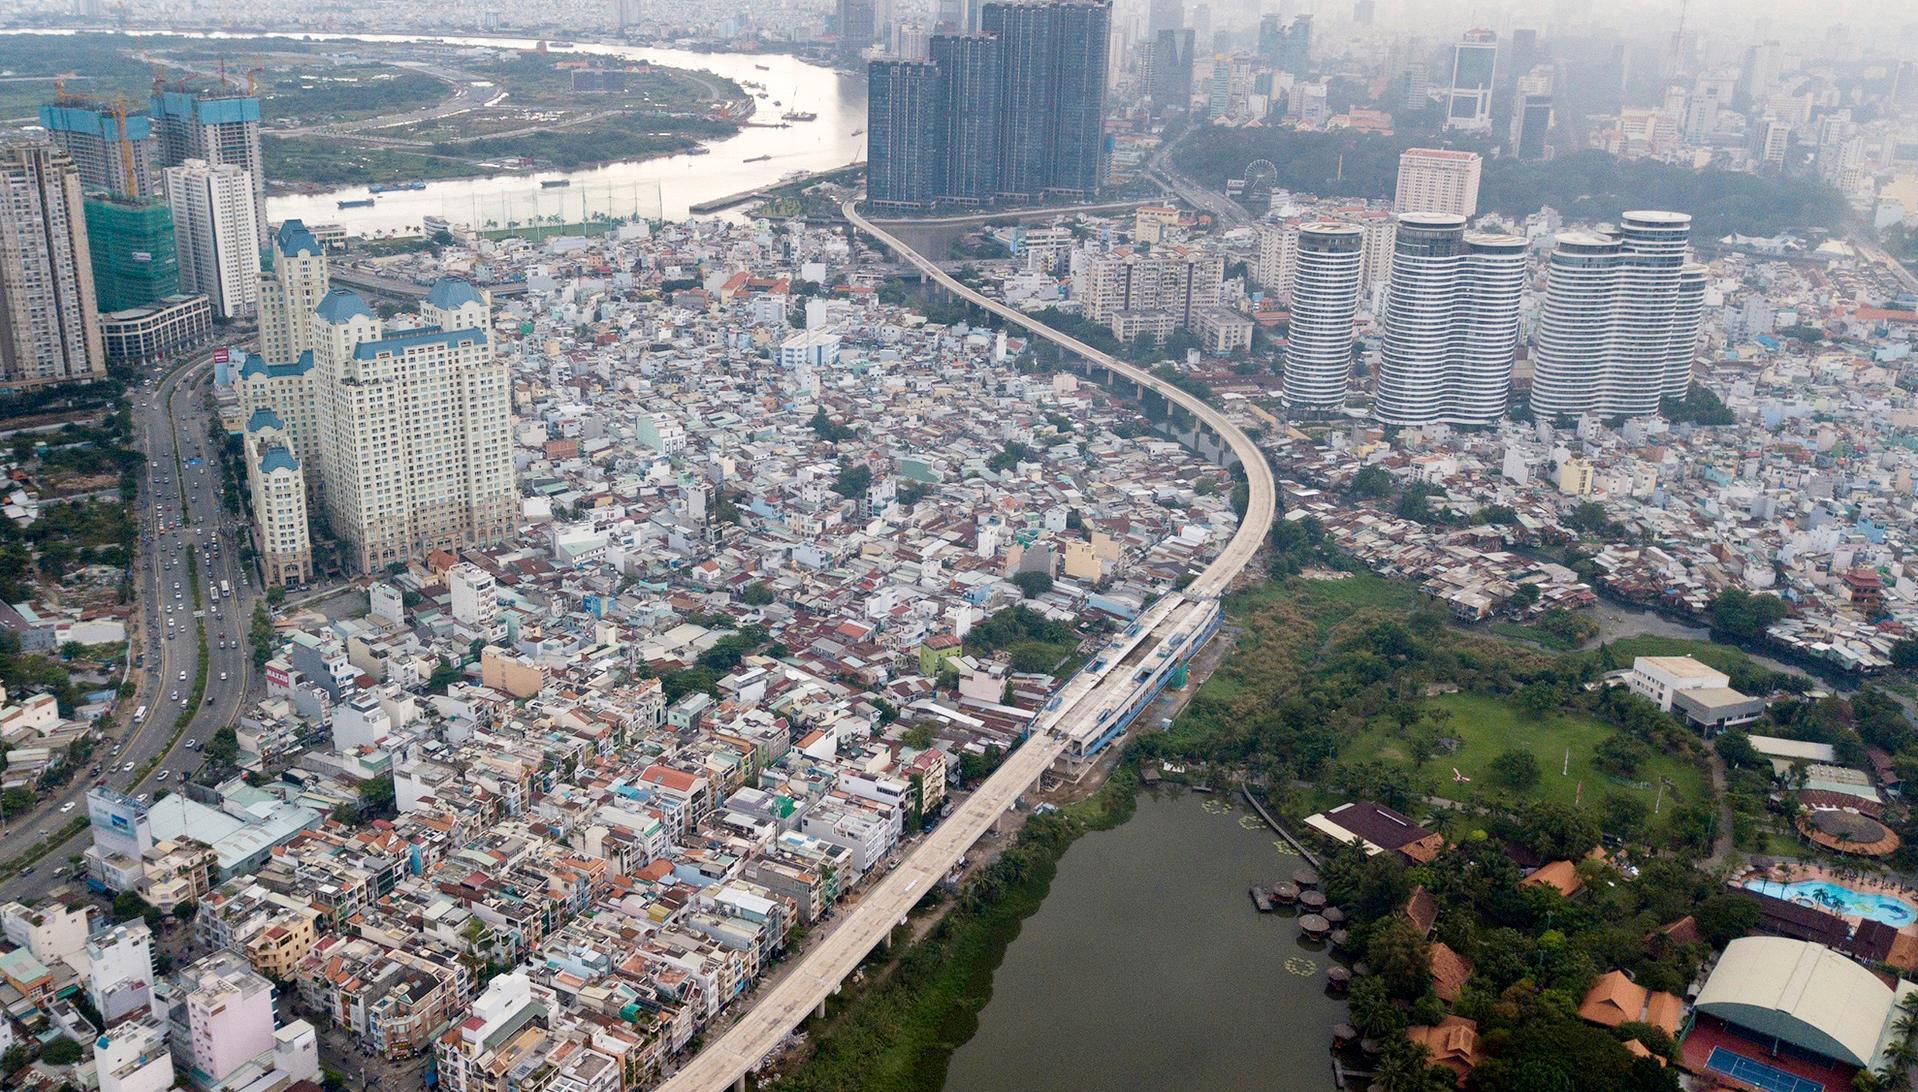 TP.HCM đang thất thế trong cuộc đua với các đô thị lớn trong khu vực. Ảnh: Zing.